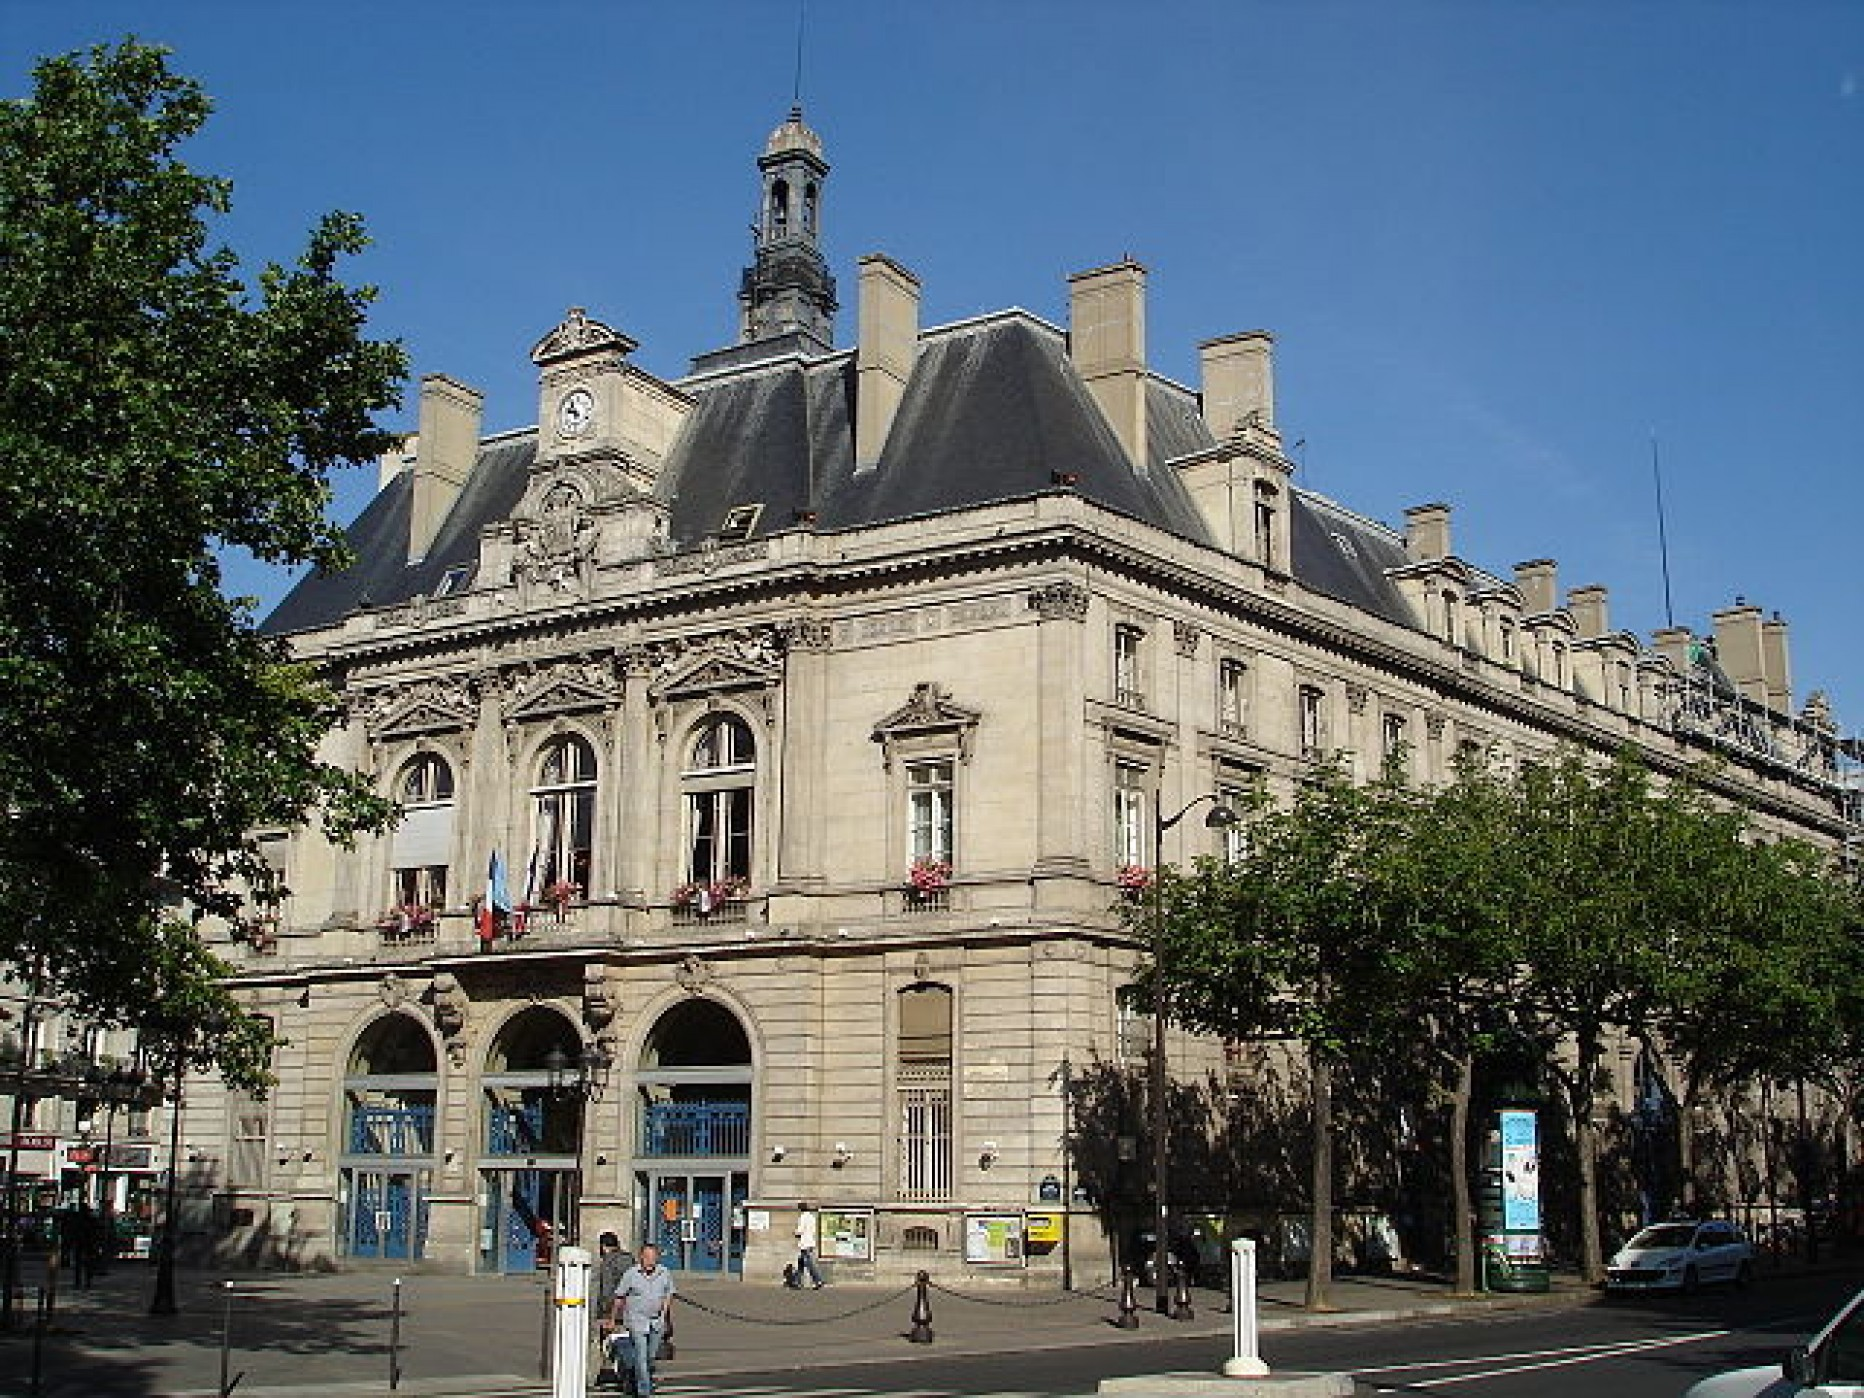 Mairie du 11 me arrondissement paris en m tro for Hotel 11 arrondissement paris